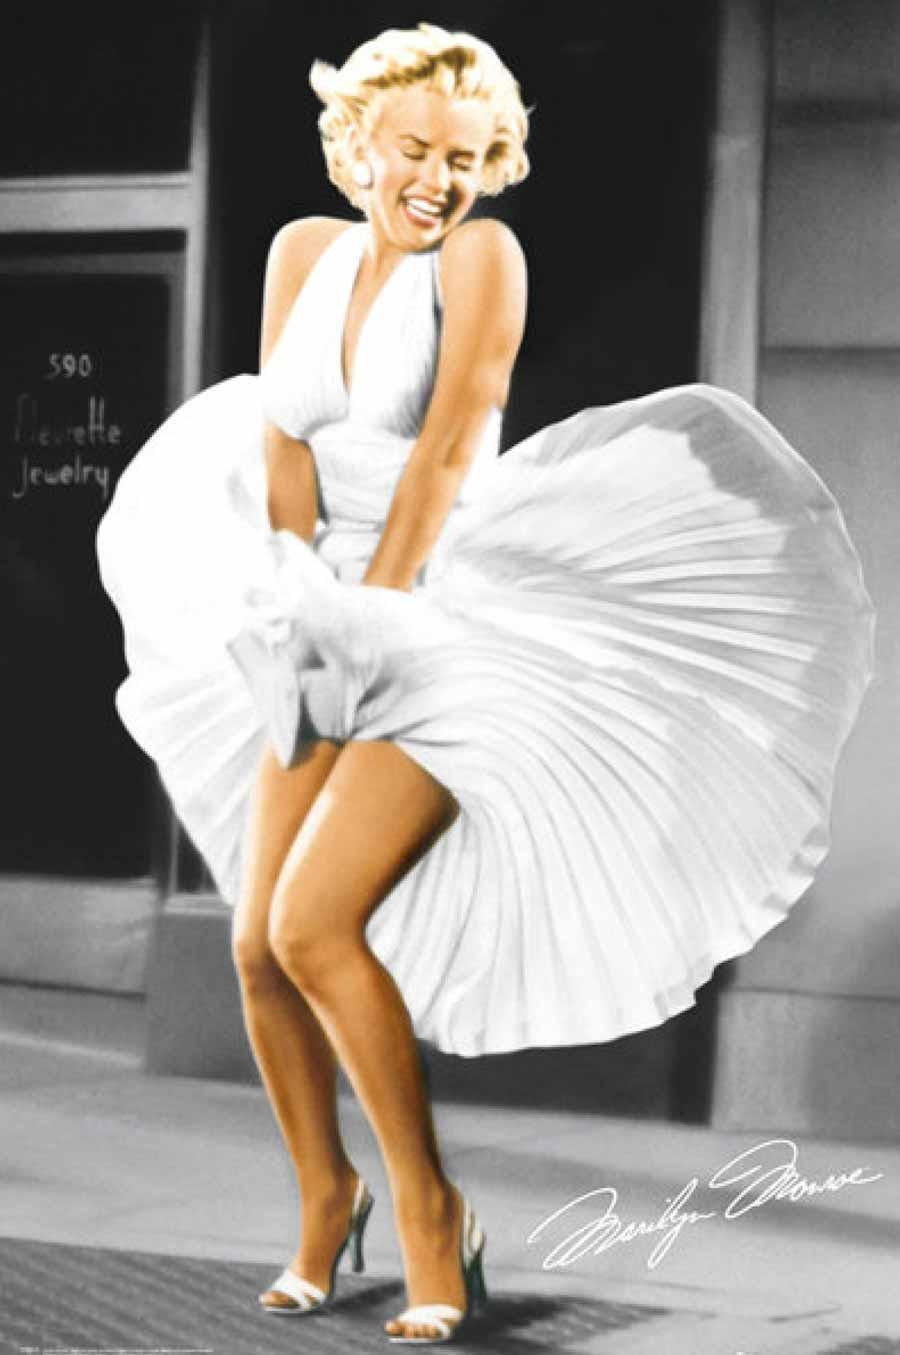 VZN News: Bi kịch biểu tượng sex Hollywood Marilyn Monroe: Mẹ hóa điên, 5 lần 7 lượt bị xâm hại, 3 lần qua đò và cái chết bí ẩn - Ảnh 5.